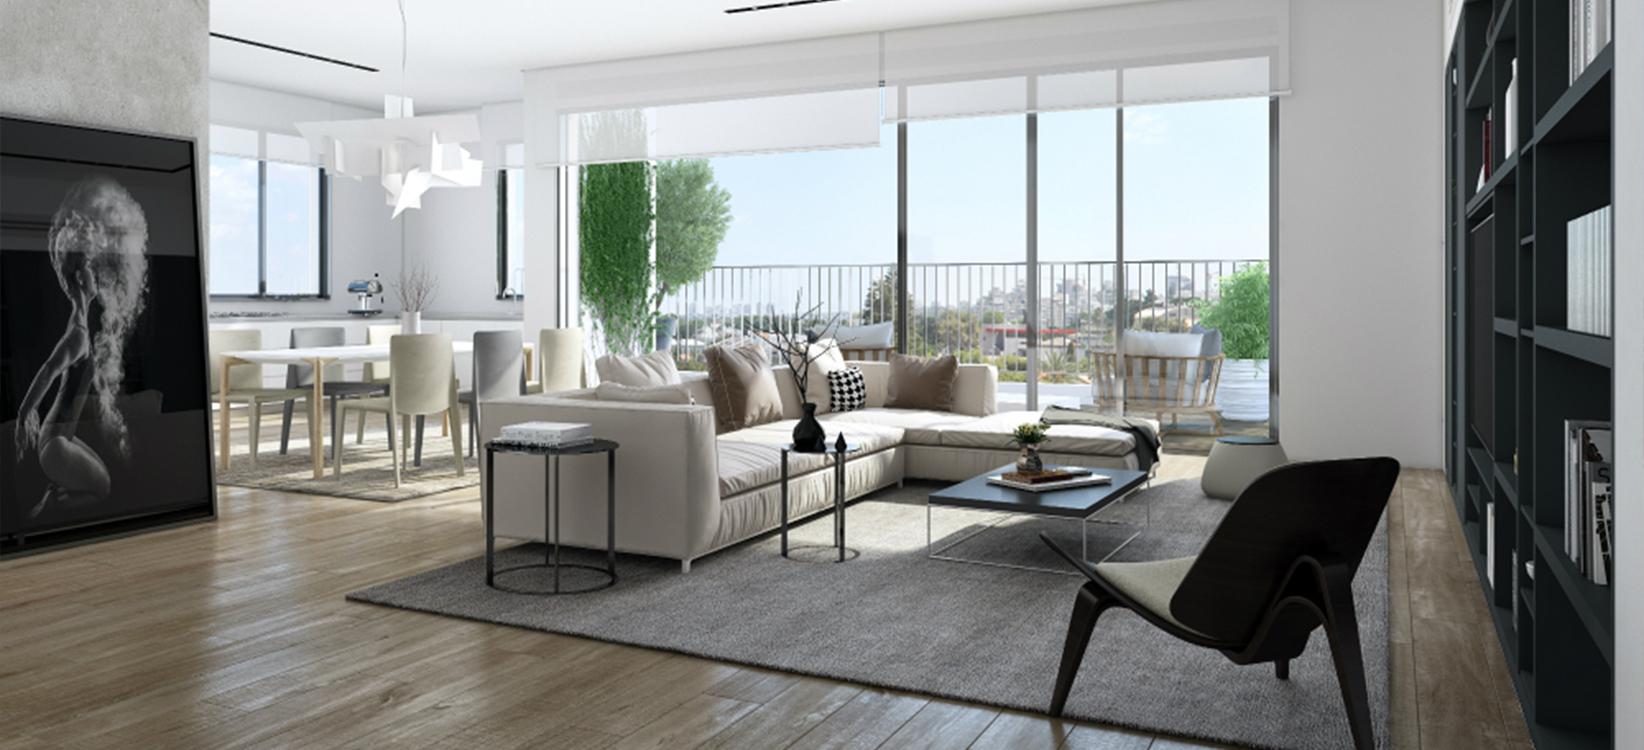 דירות אחרונות בפרויקט קליי 18 בתל אביב: דירות 3+4 חדרים בצפון החדש